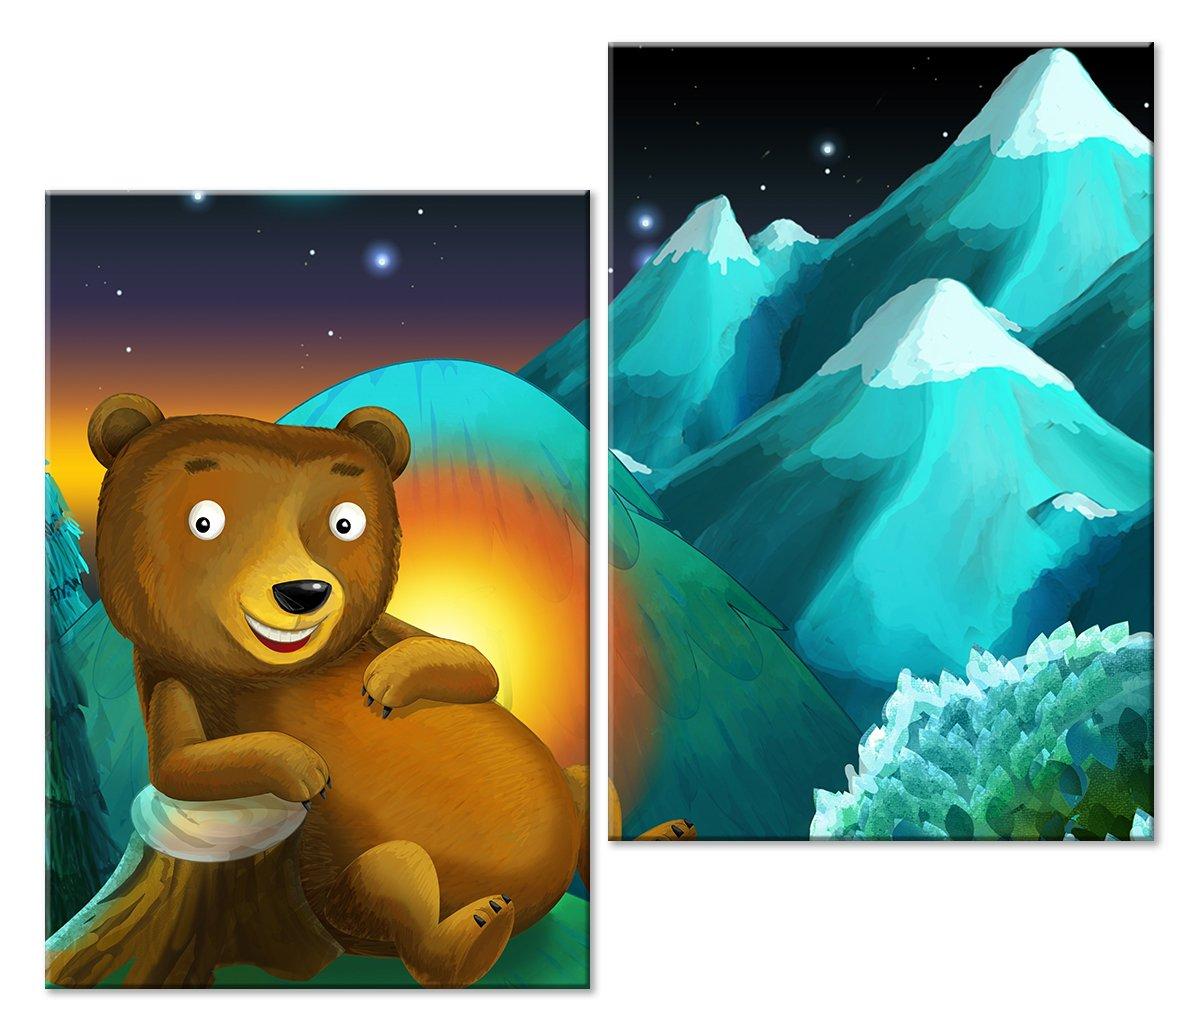 Модульная картина «Медведь»Детские<br>Модульная картина на натуральном холсте и деревянном подрамнике. Подвес в комплекте. Трехслойная надежная упаковка. Доставим в любую точку России. Вам осталось только повесить картину на стену!<br>